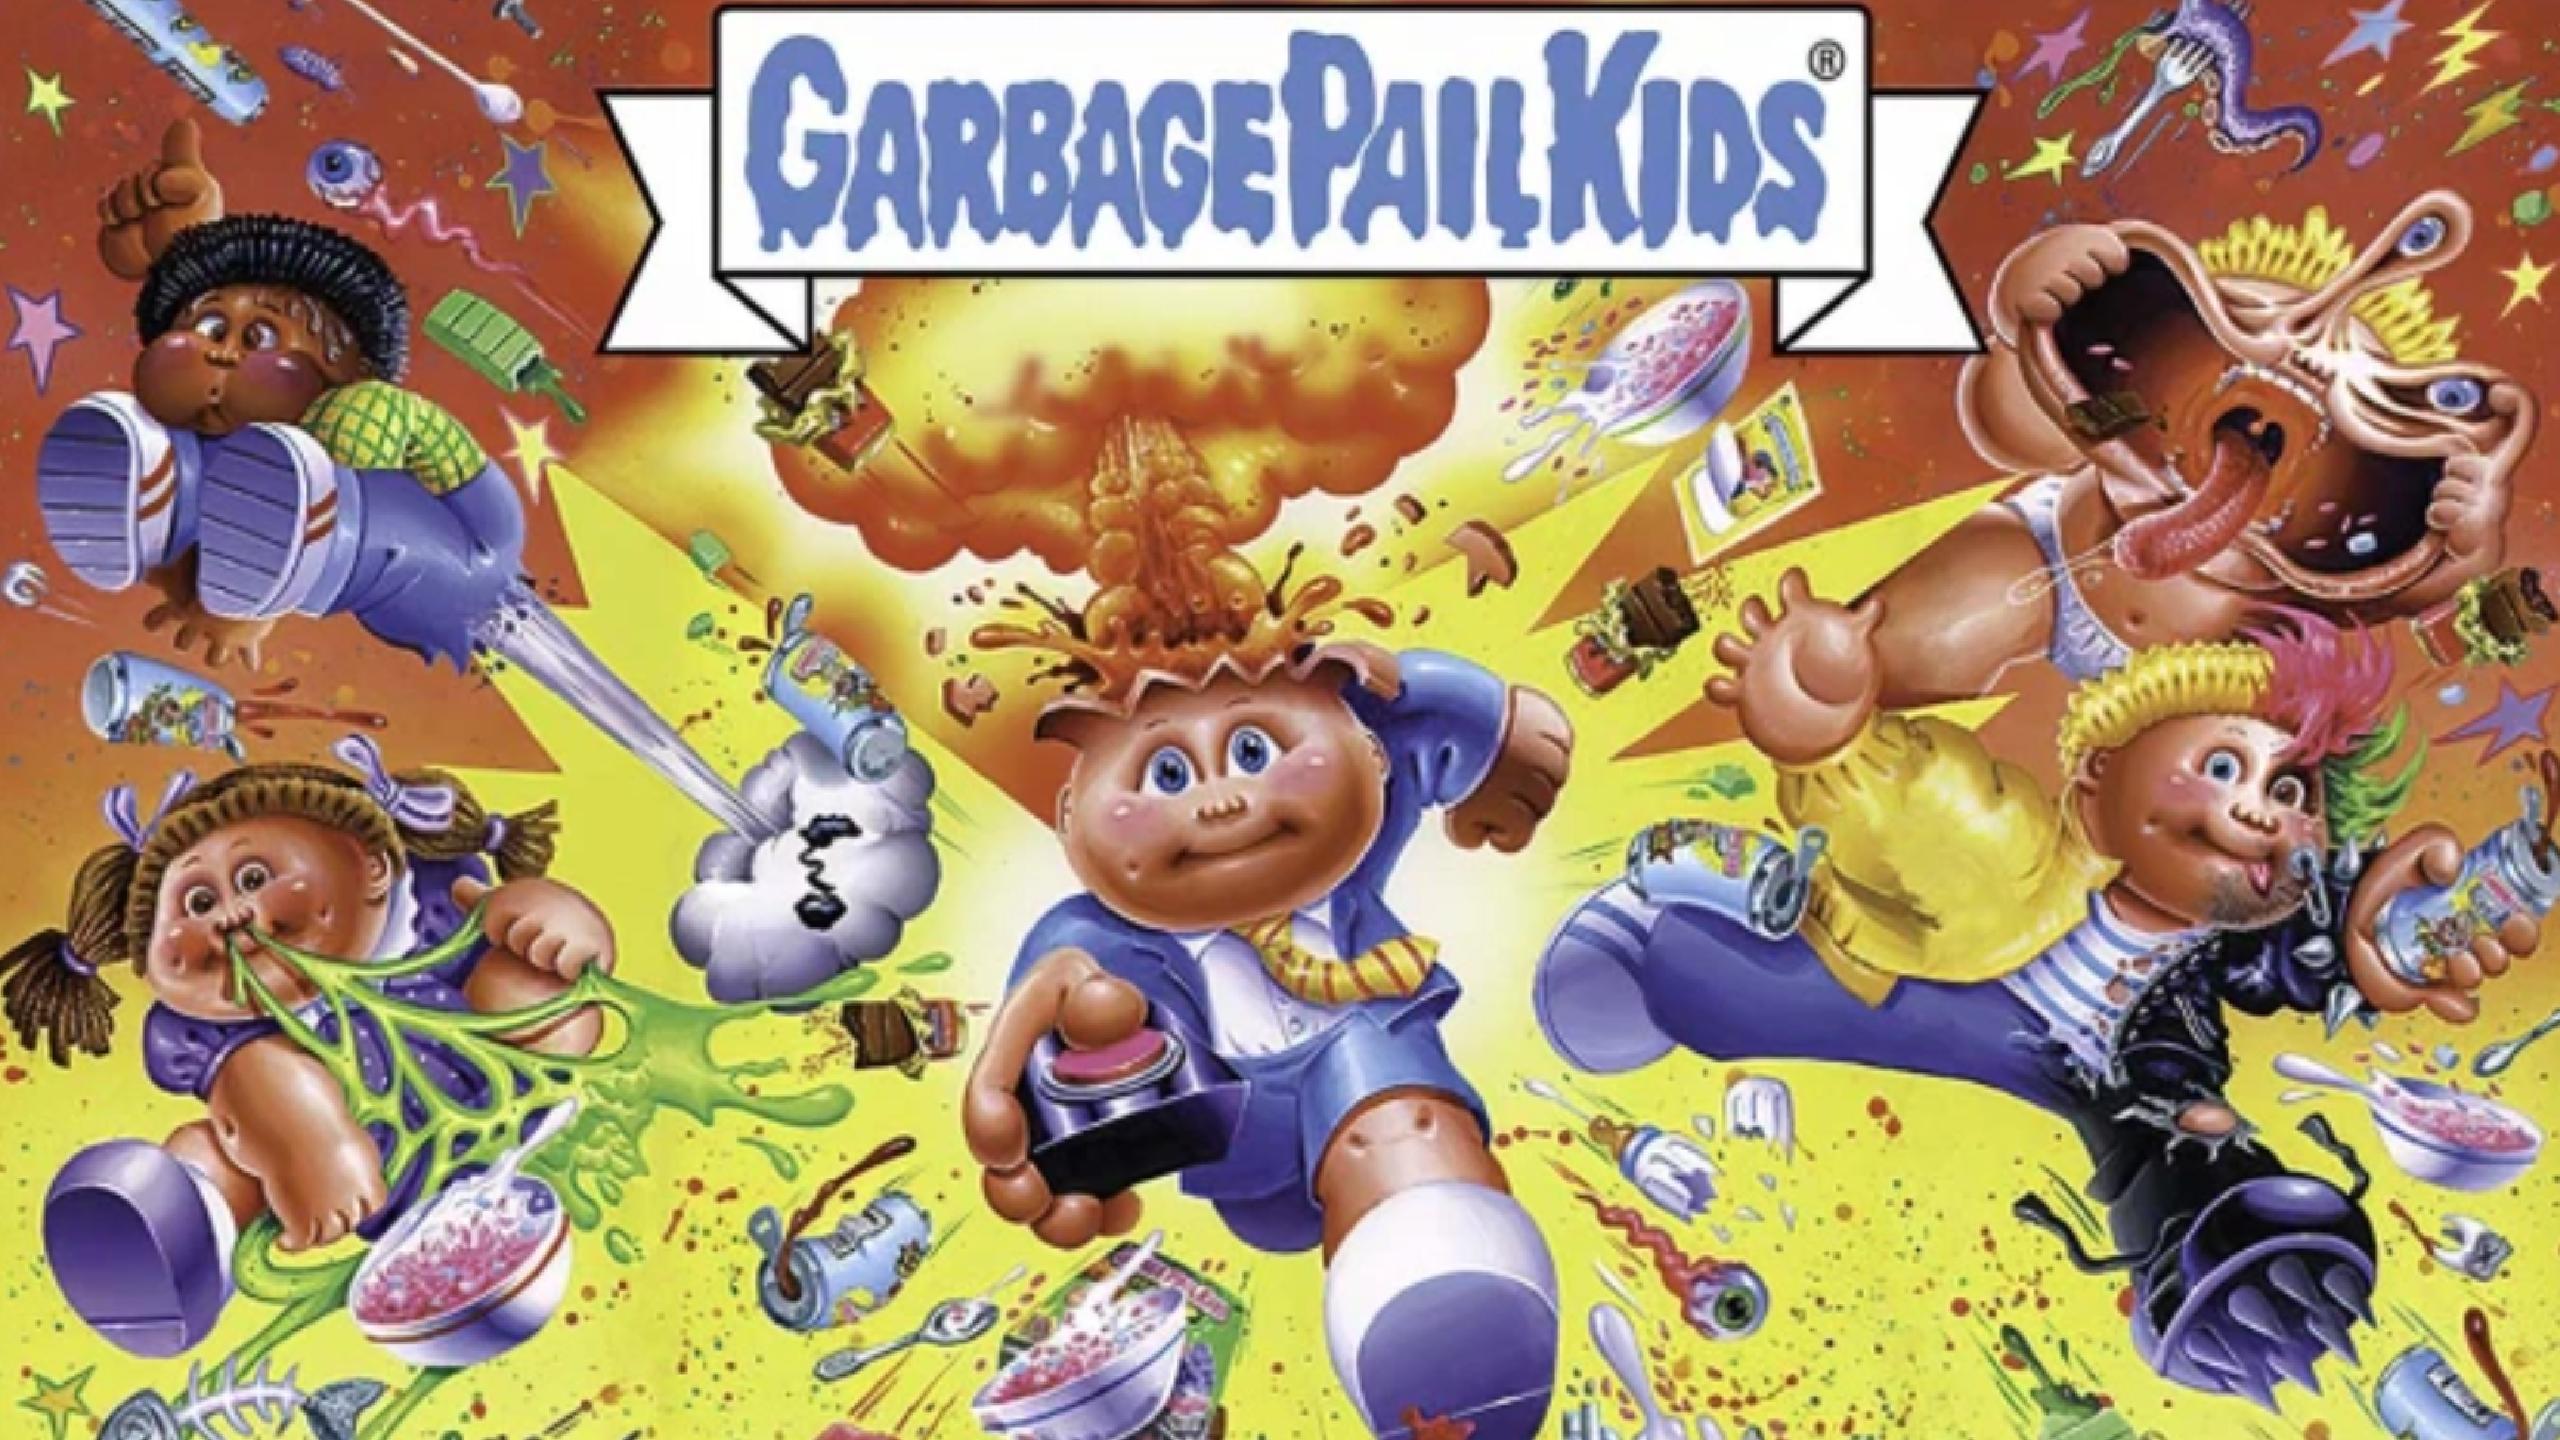 Garbage Pail Kids TV Show